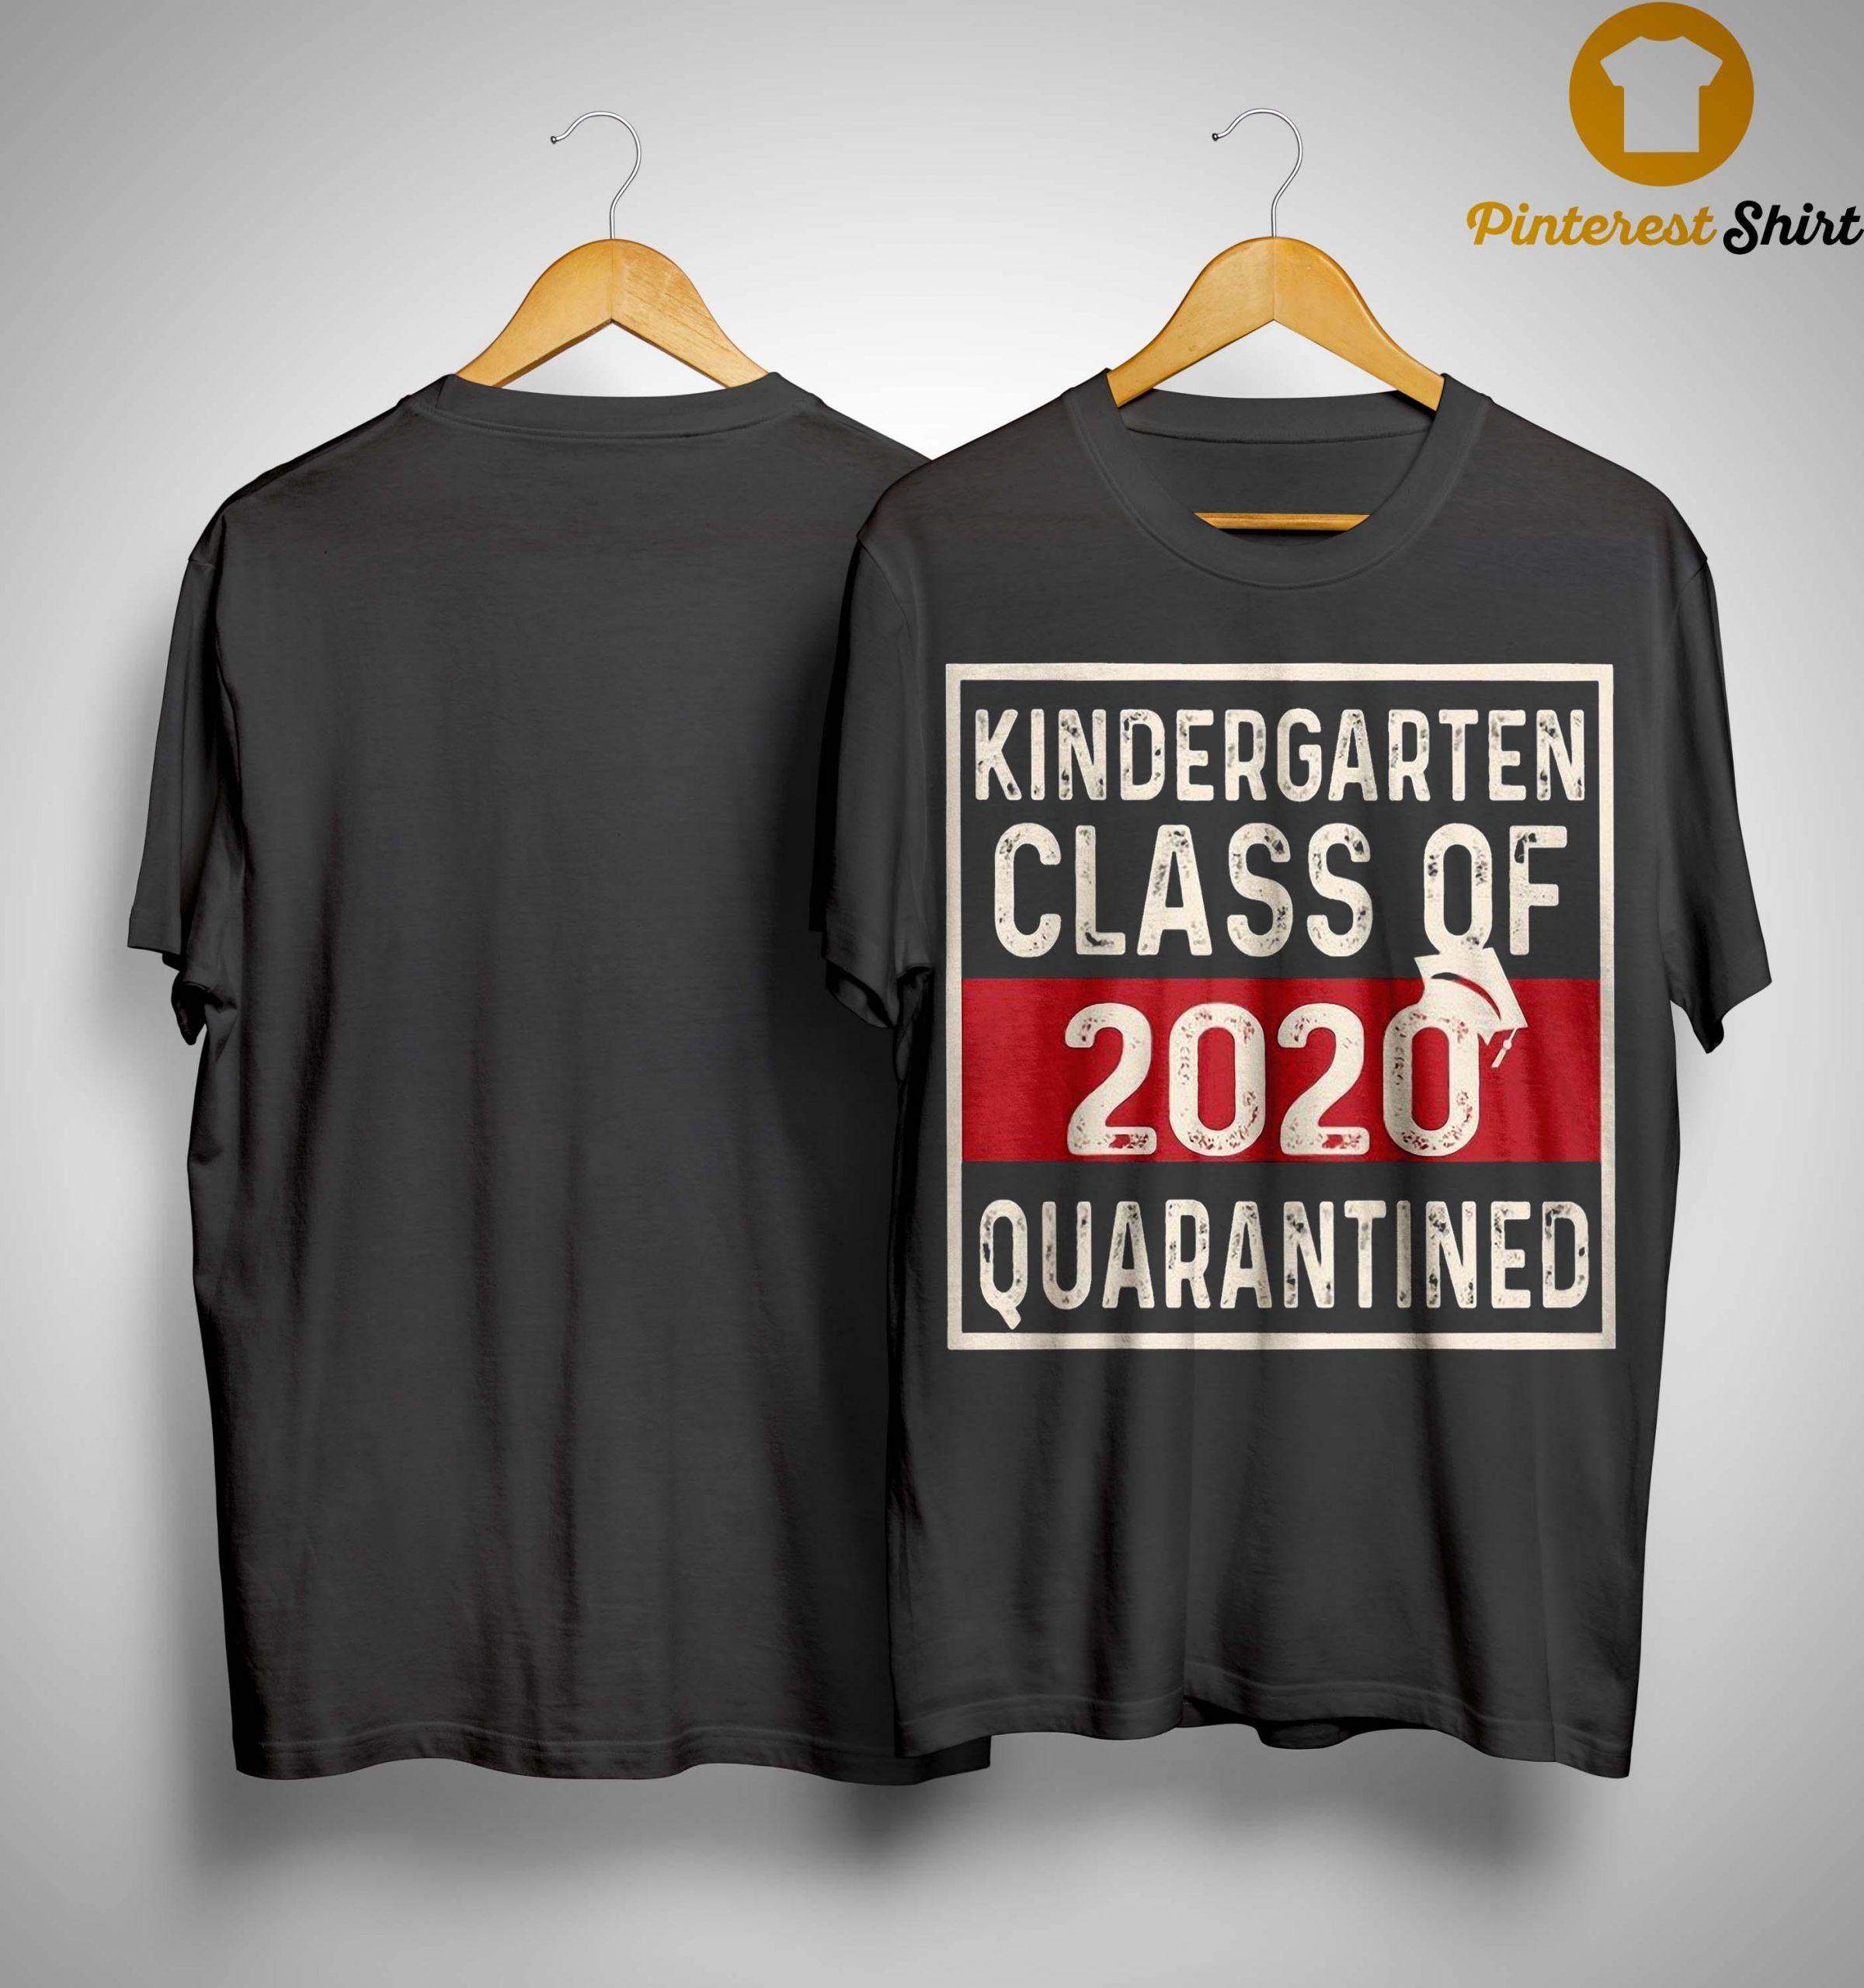 Kindergarten Class Of 2020 Quarantined Shirt